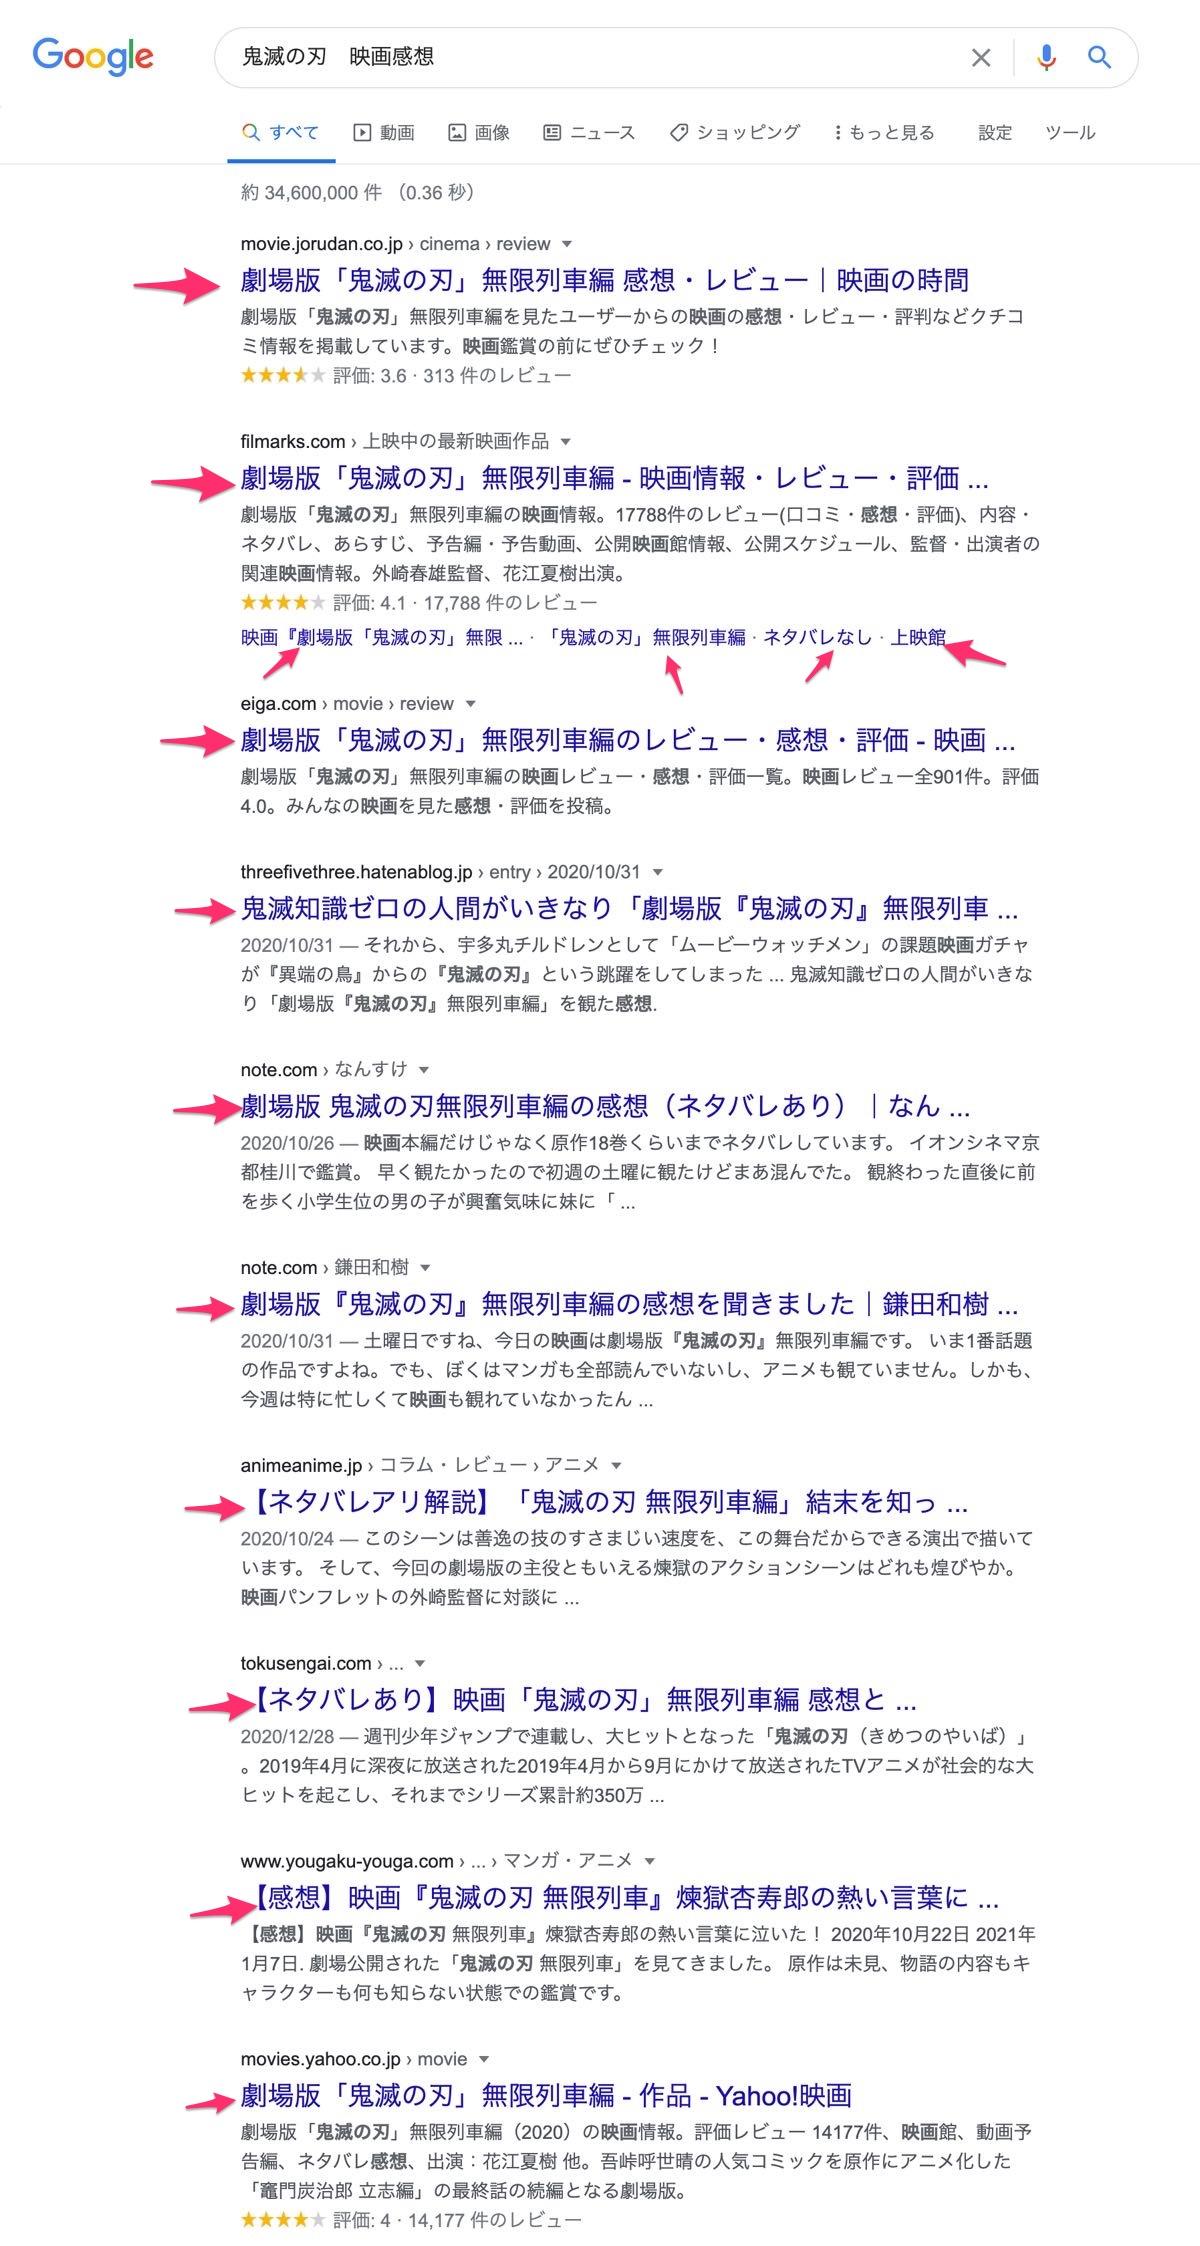 Google検索の結果ページ